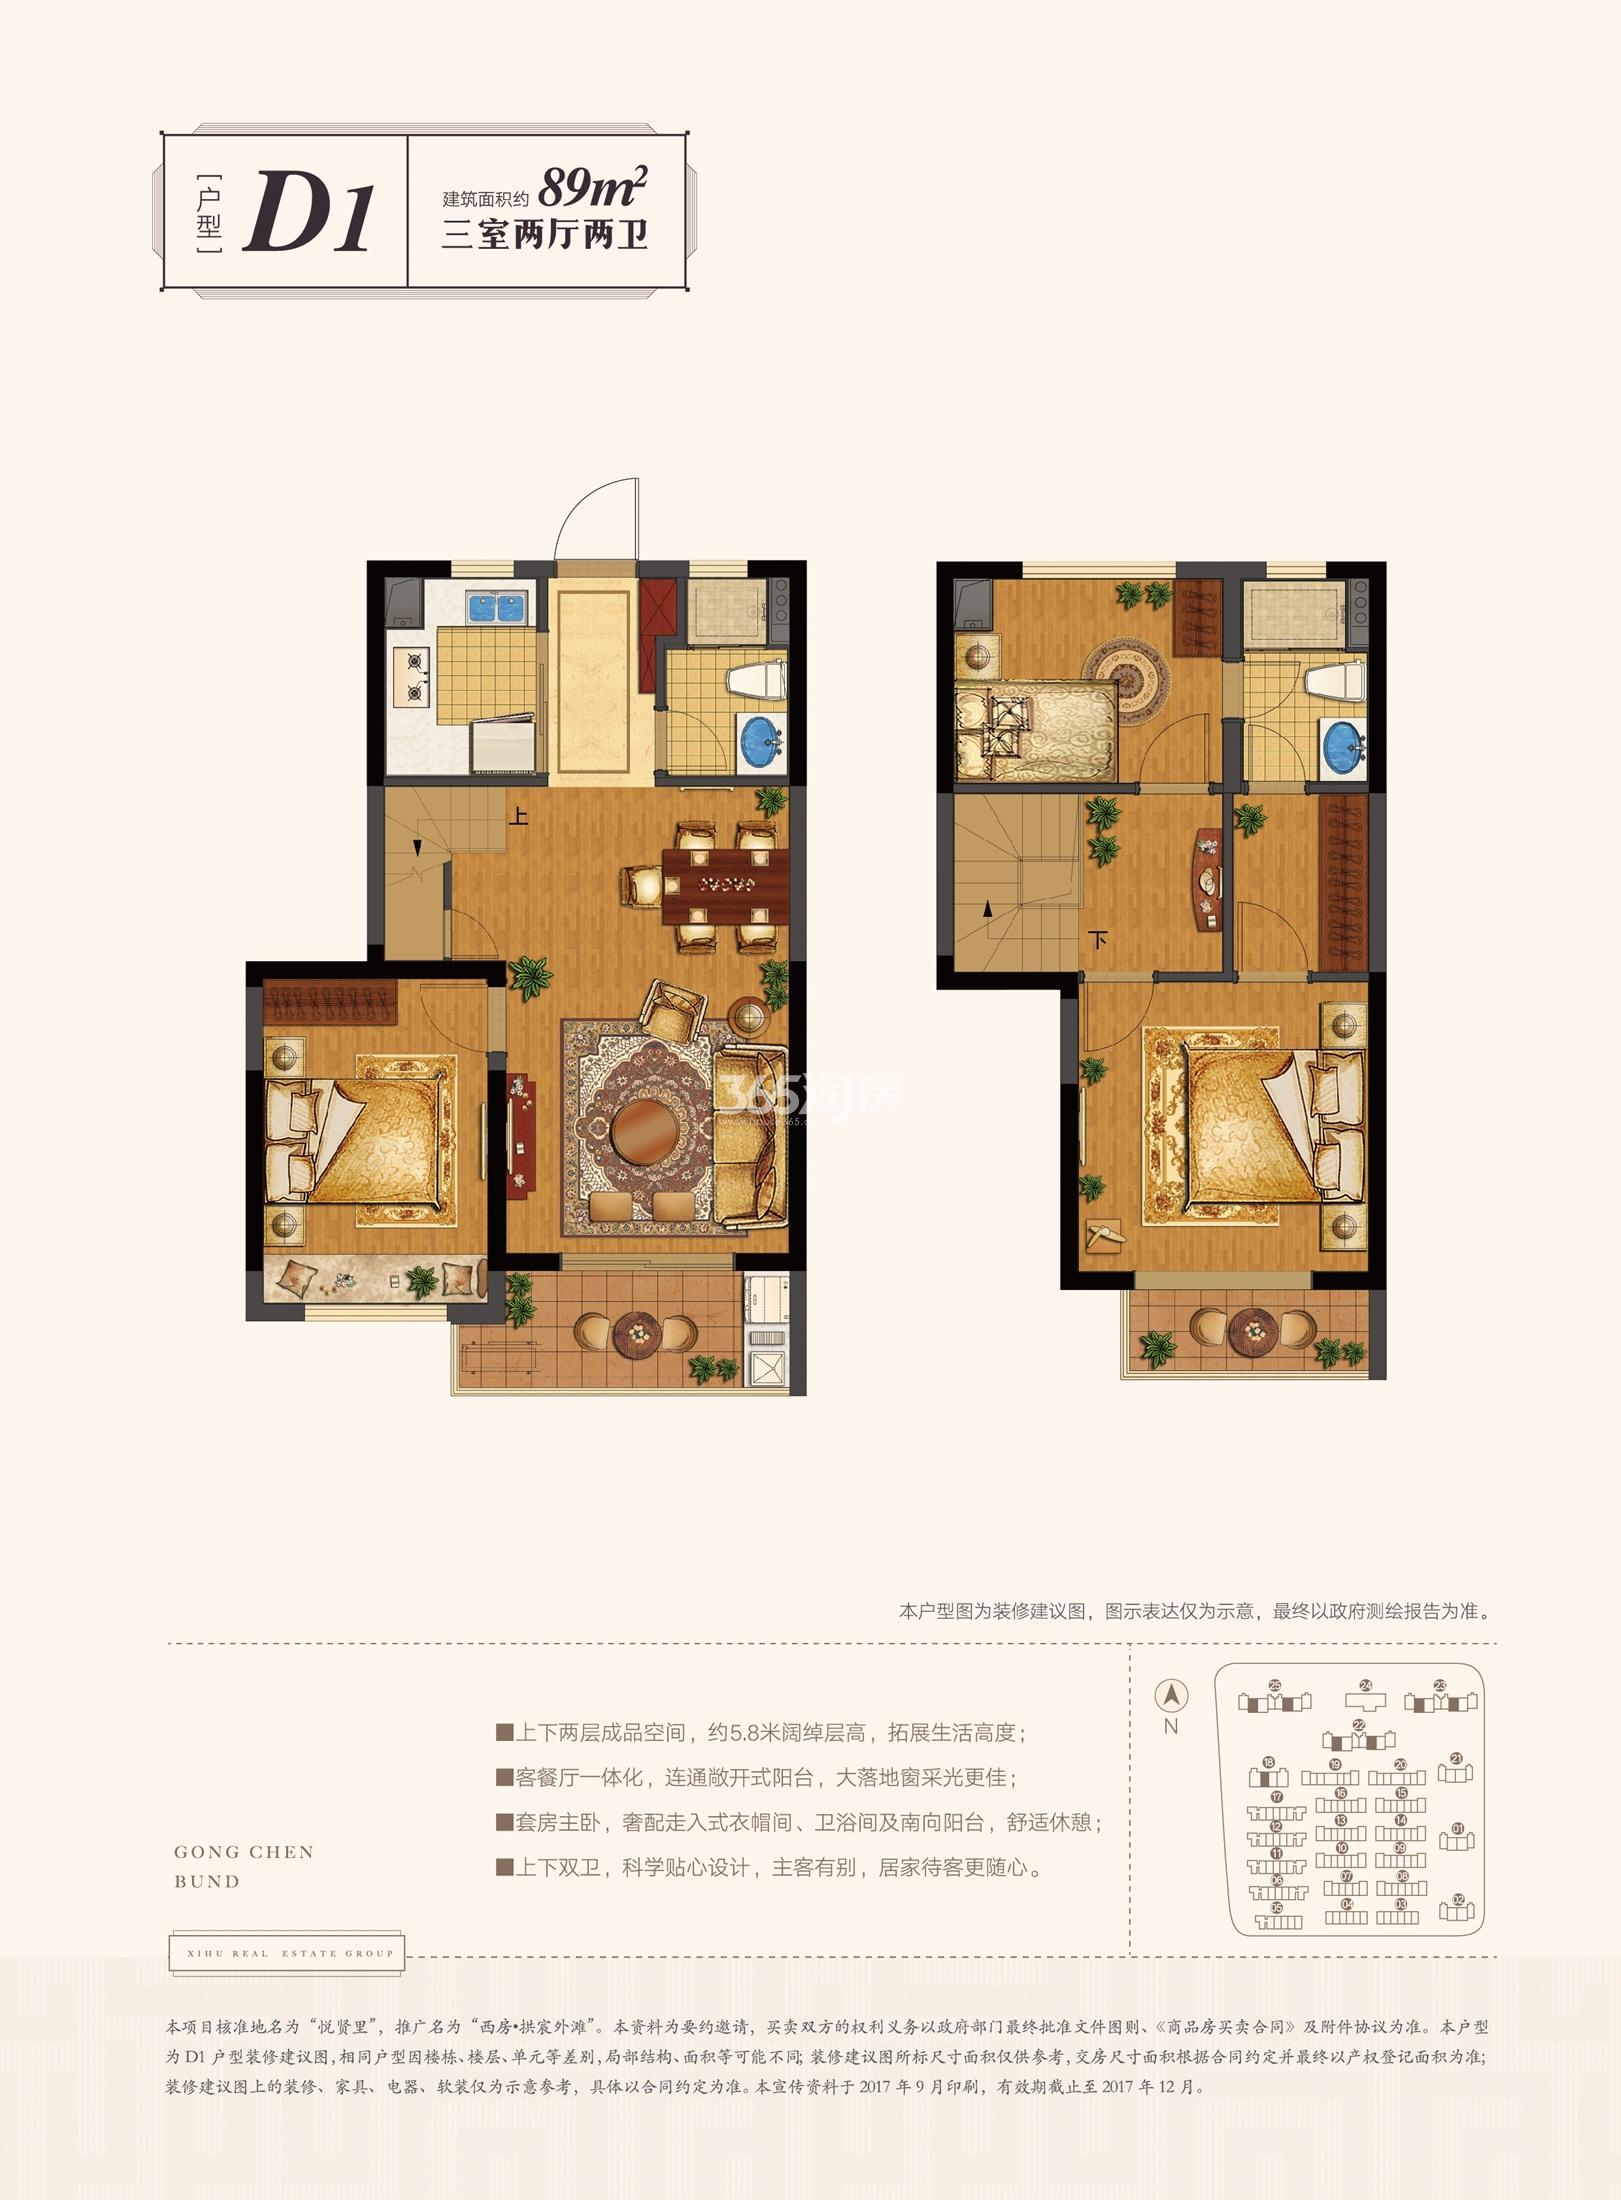 西房拱宸外滩18、22、23、25号楼中间套D1户型 89㎡